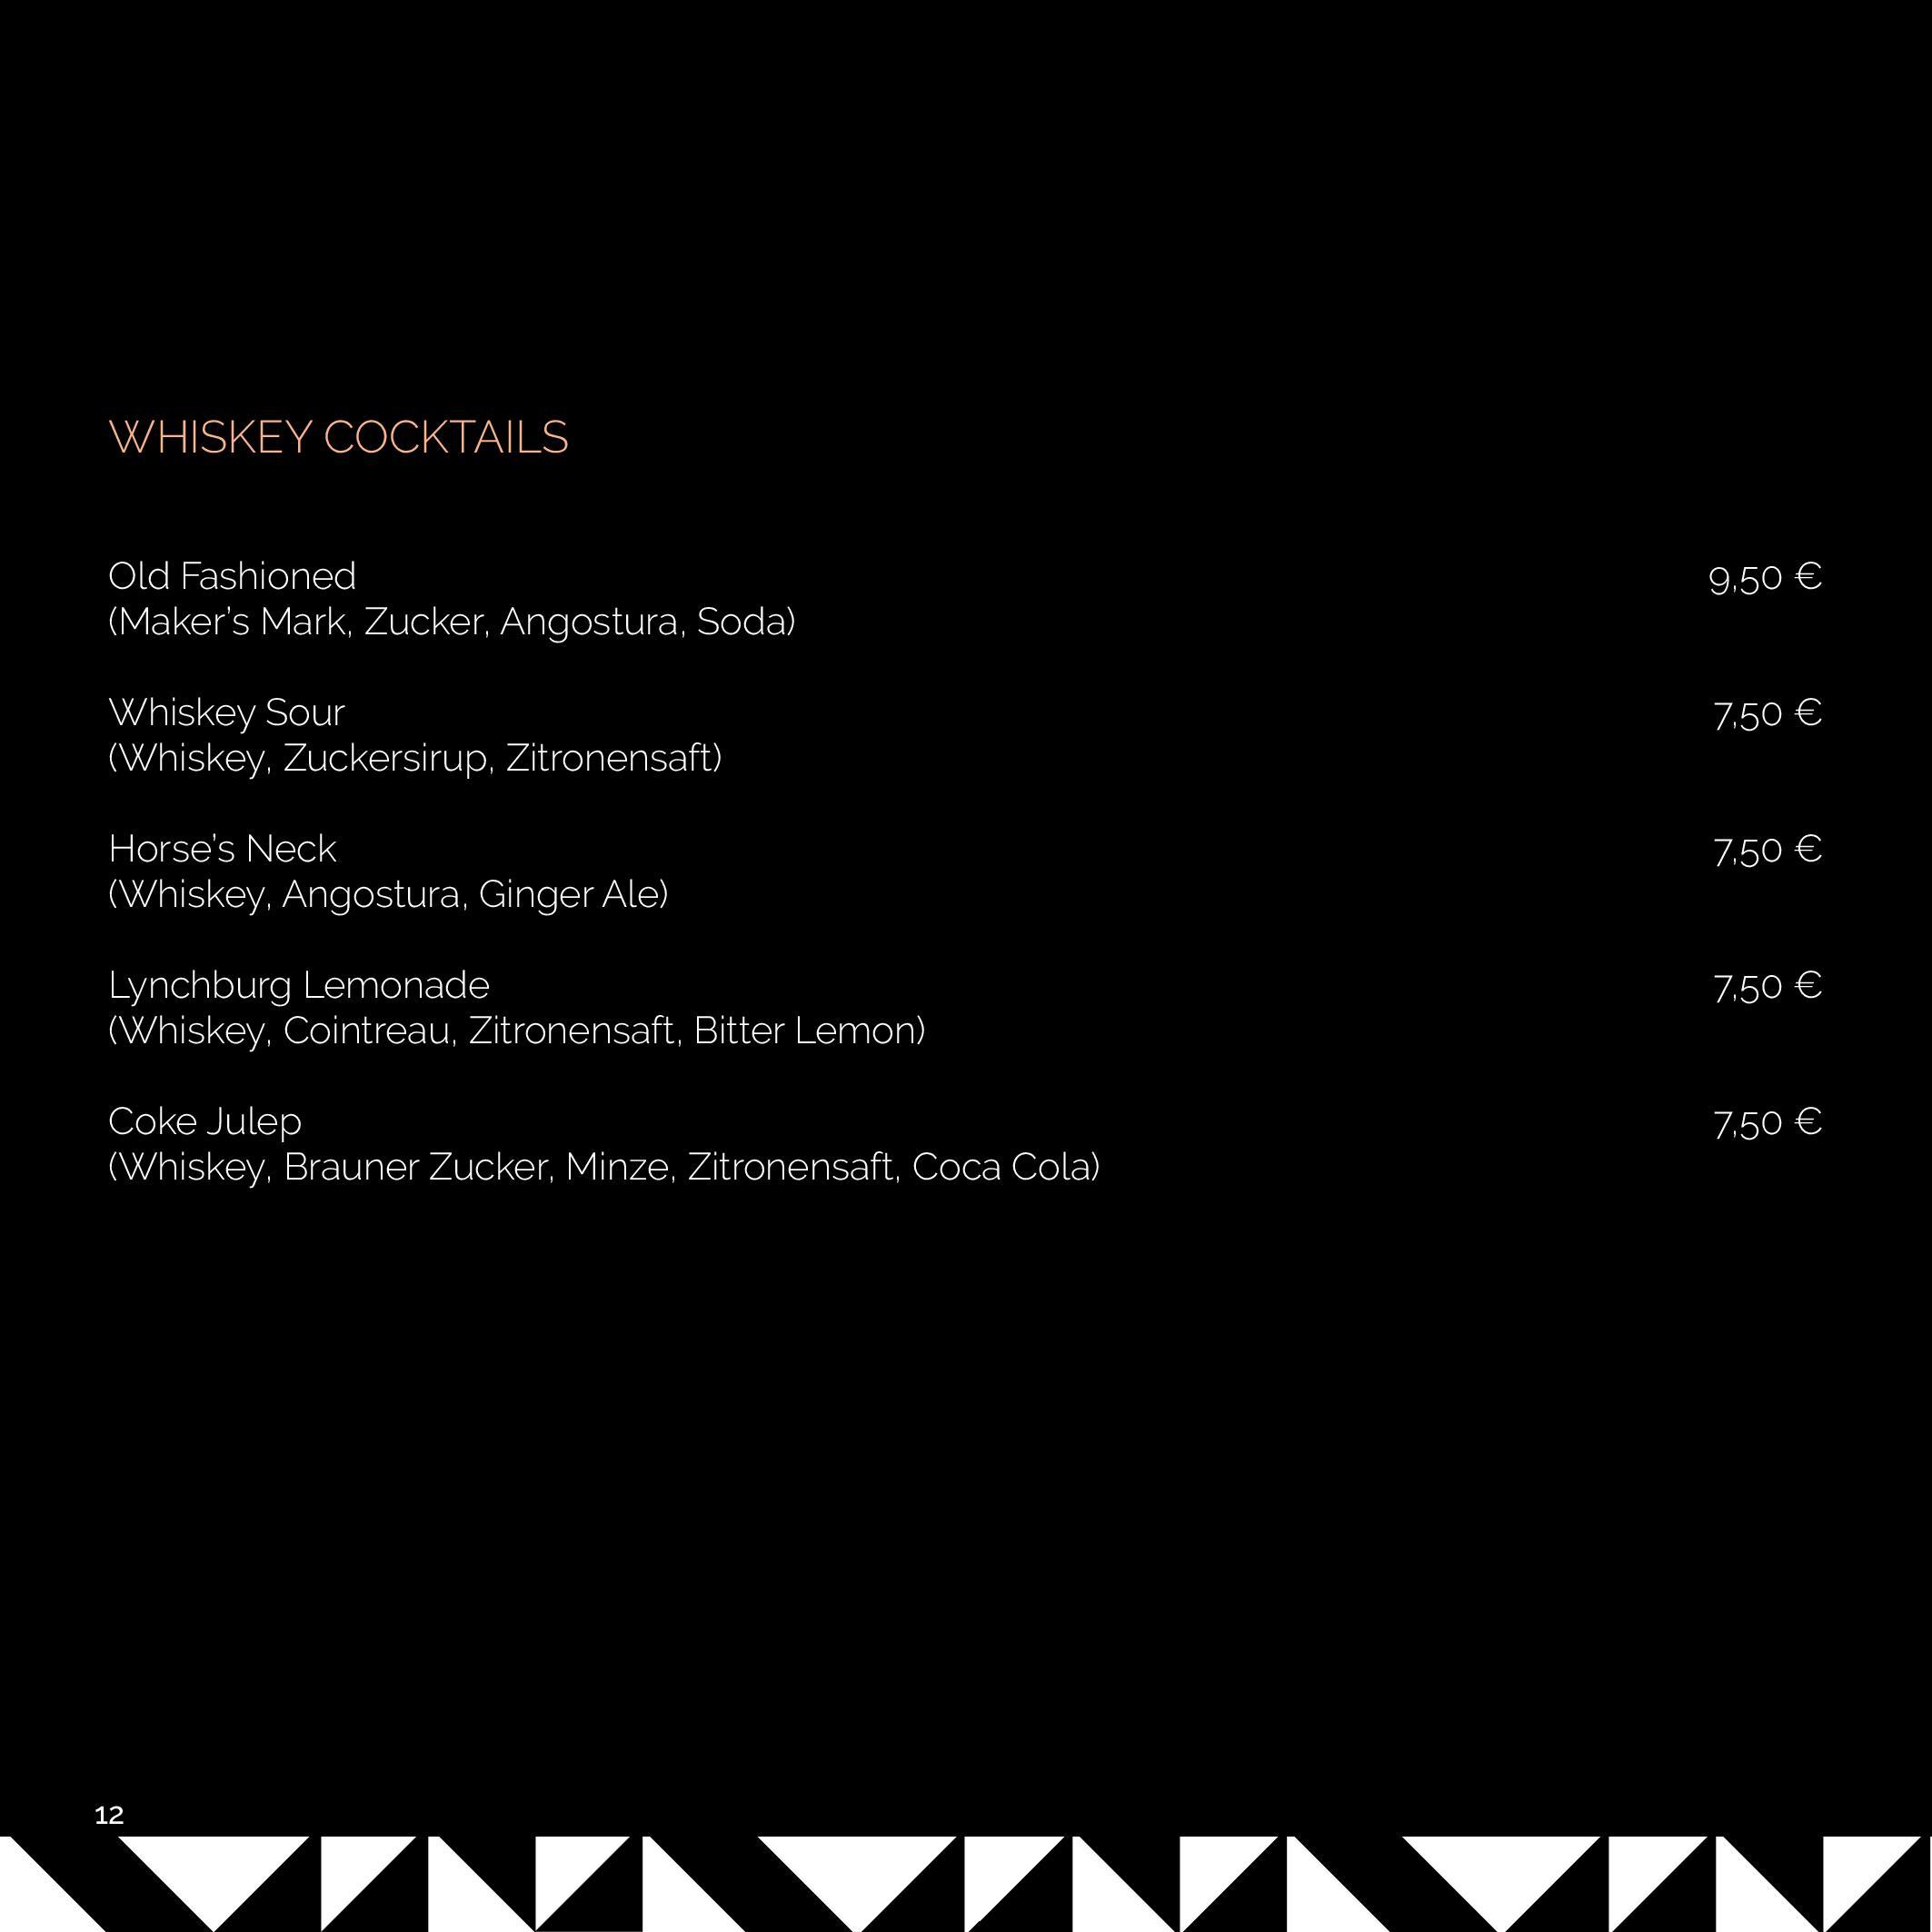 SOHO MENU 2020 BLACK KARE page 012